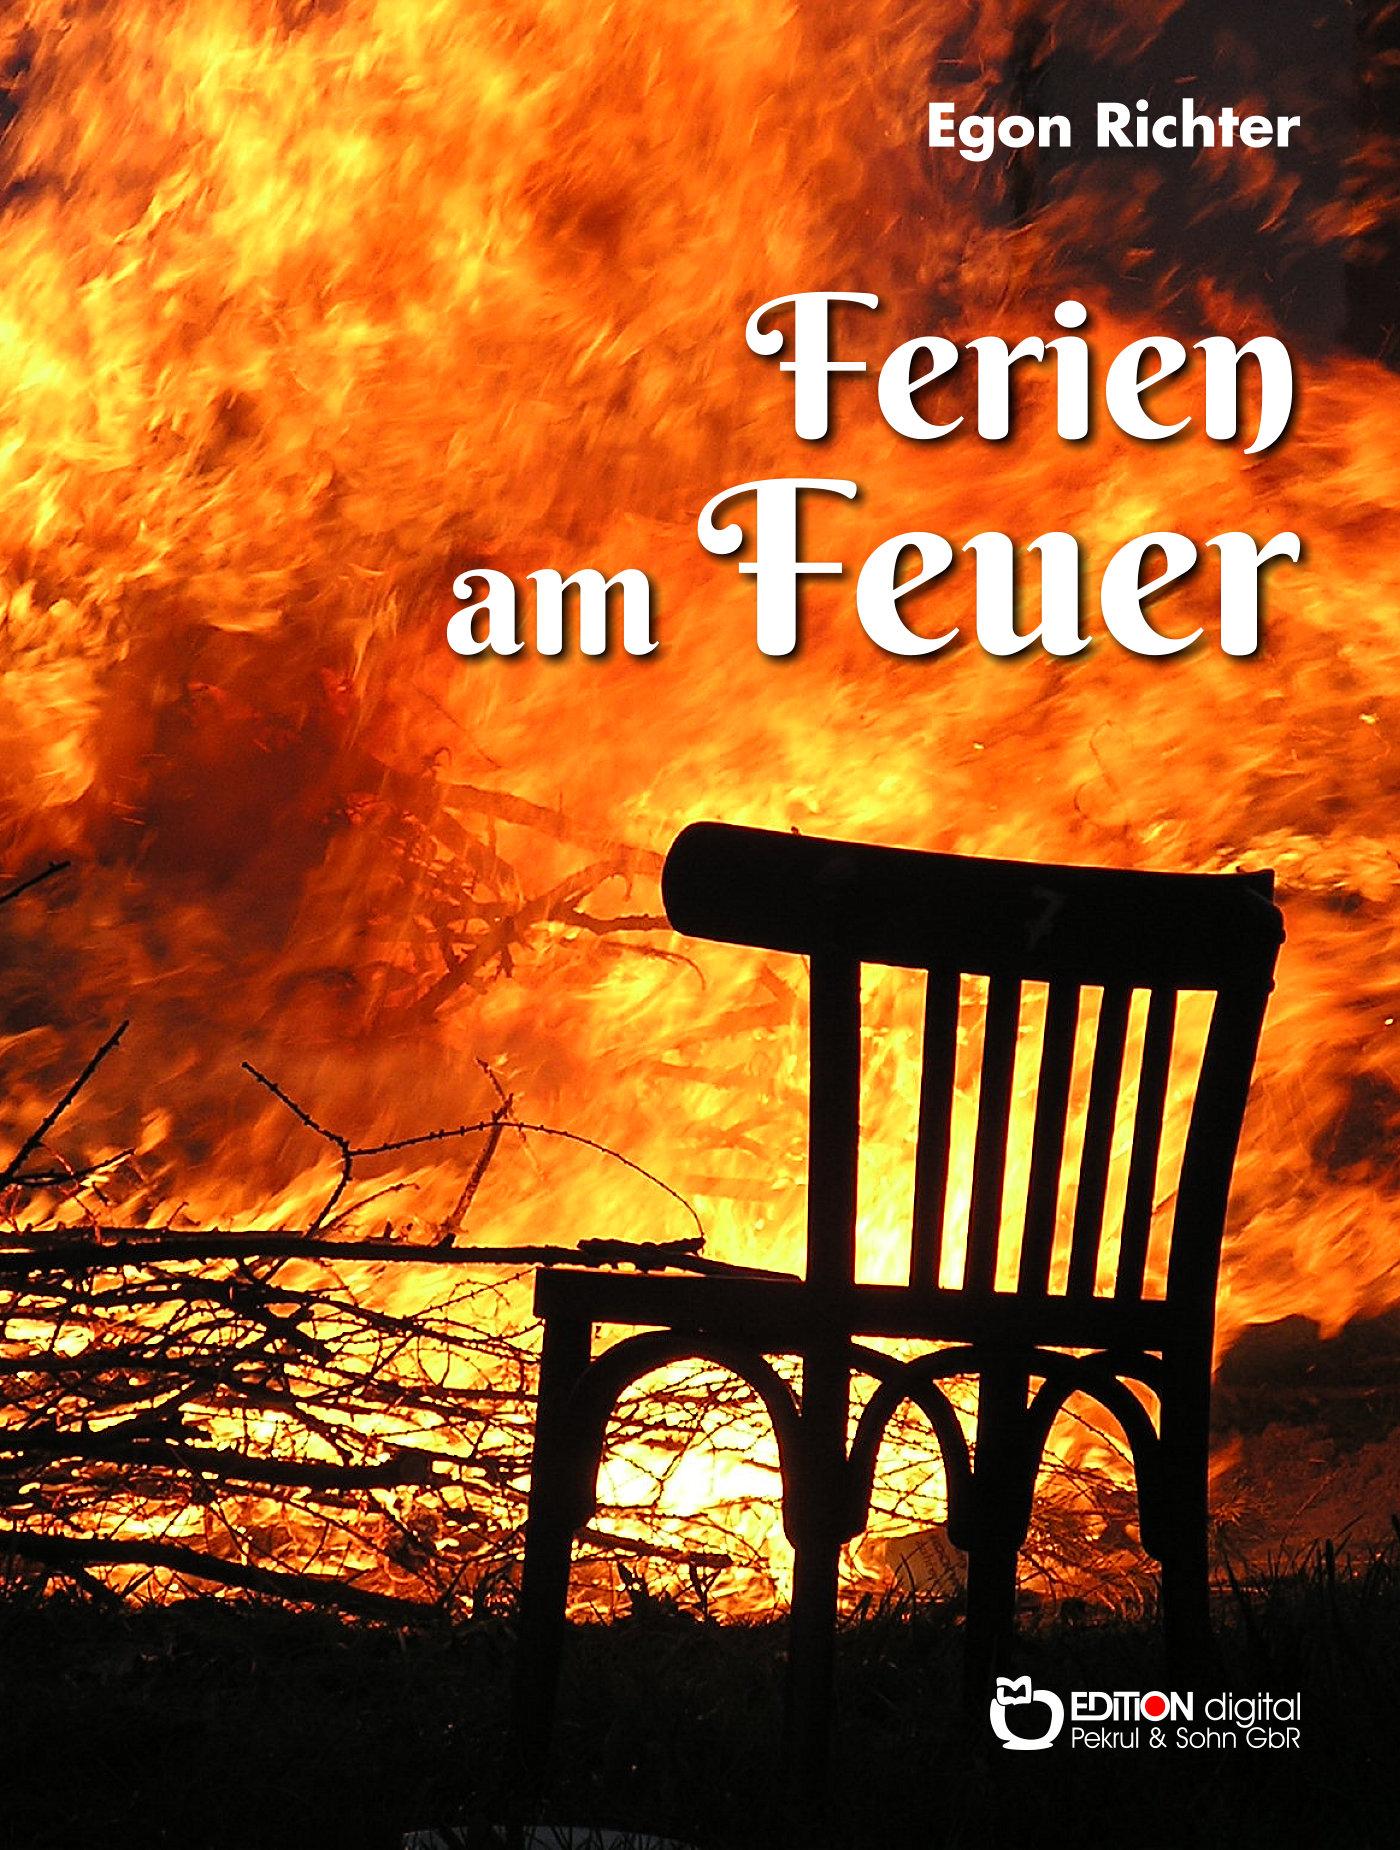 Ferien am Feuer von Egon Richter